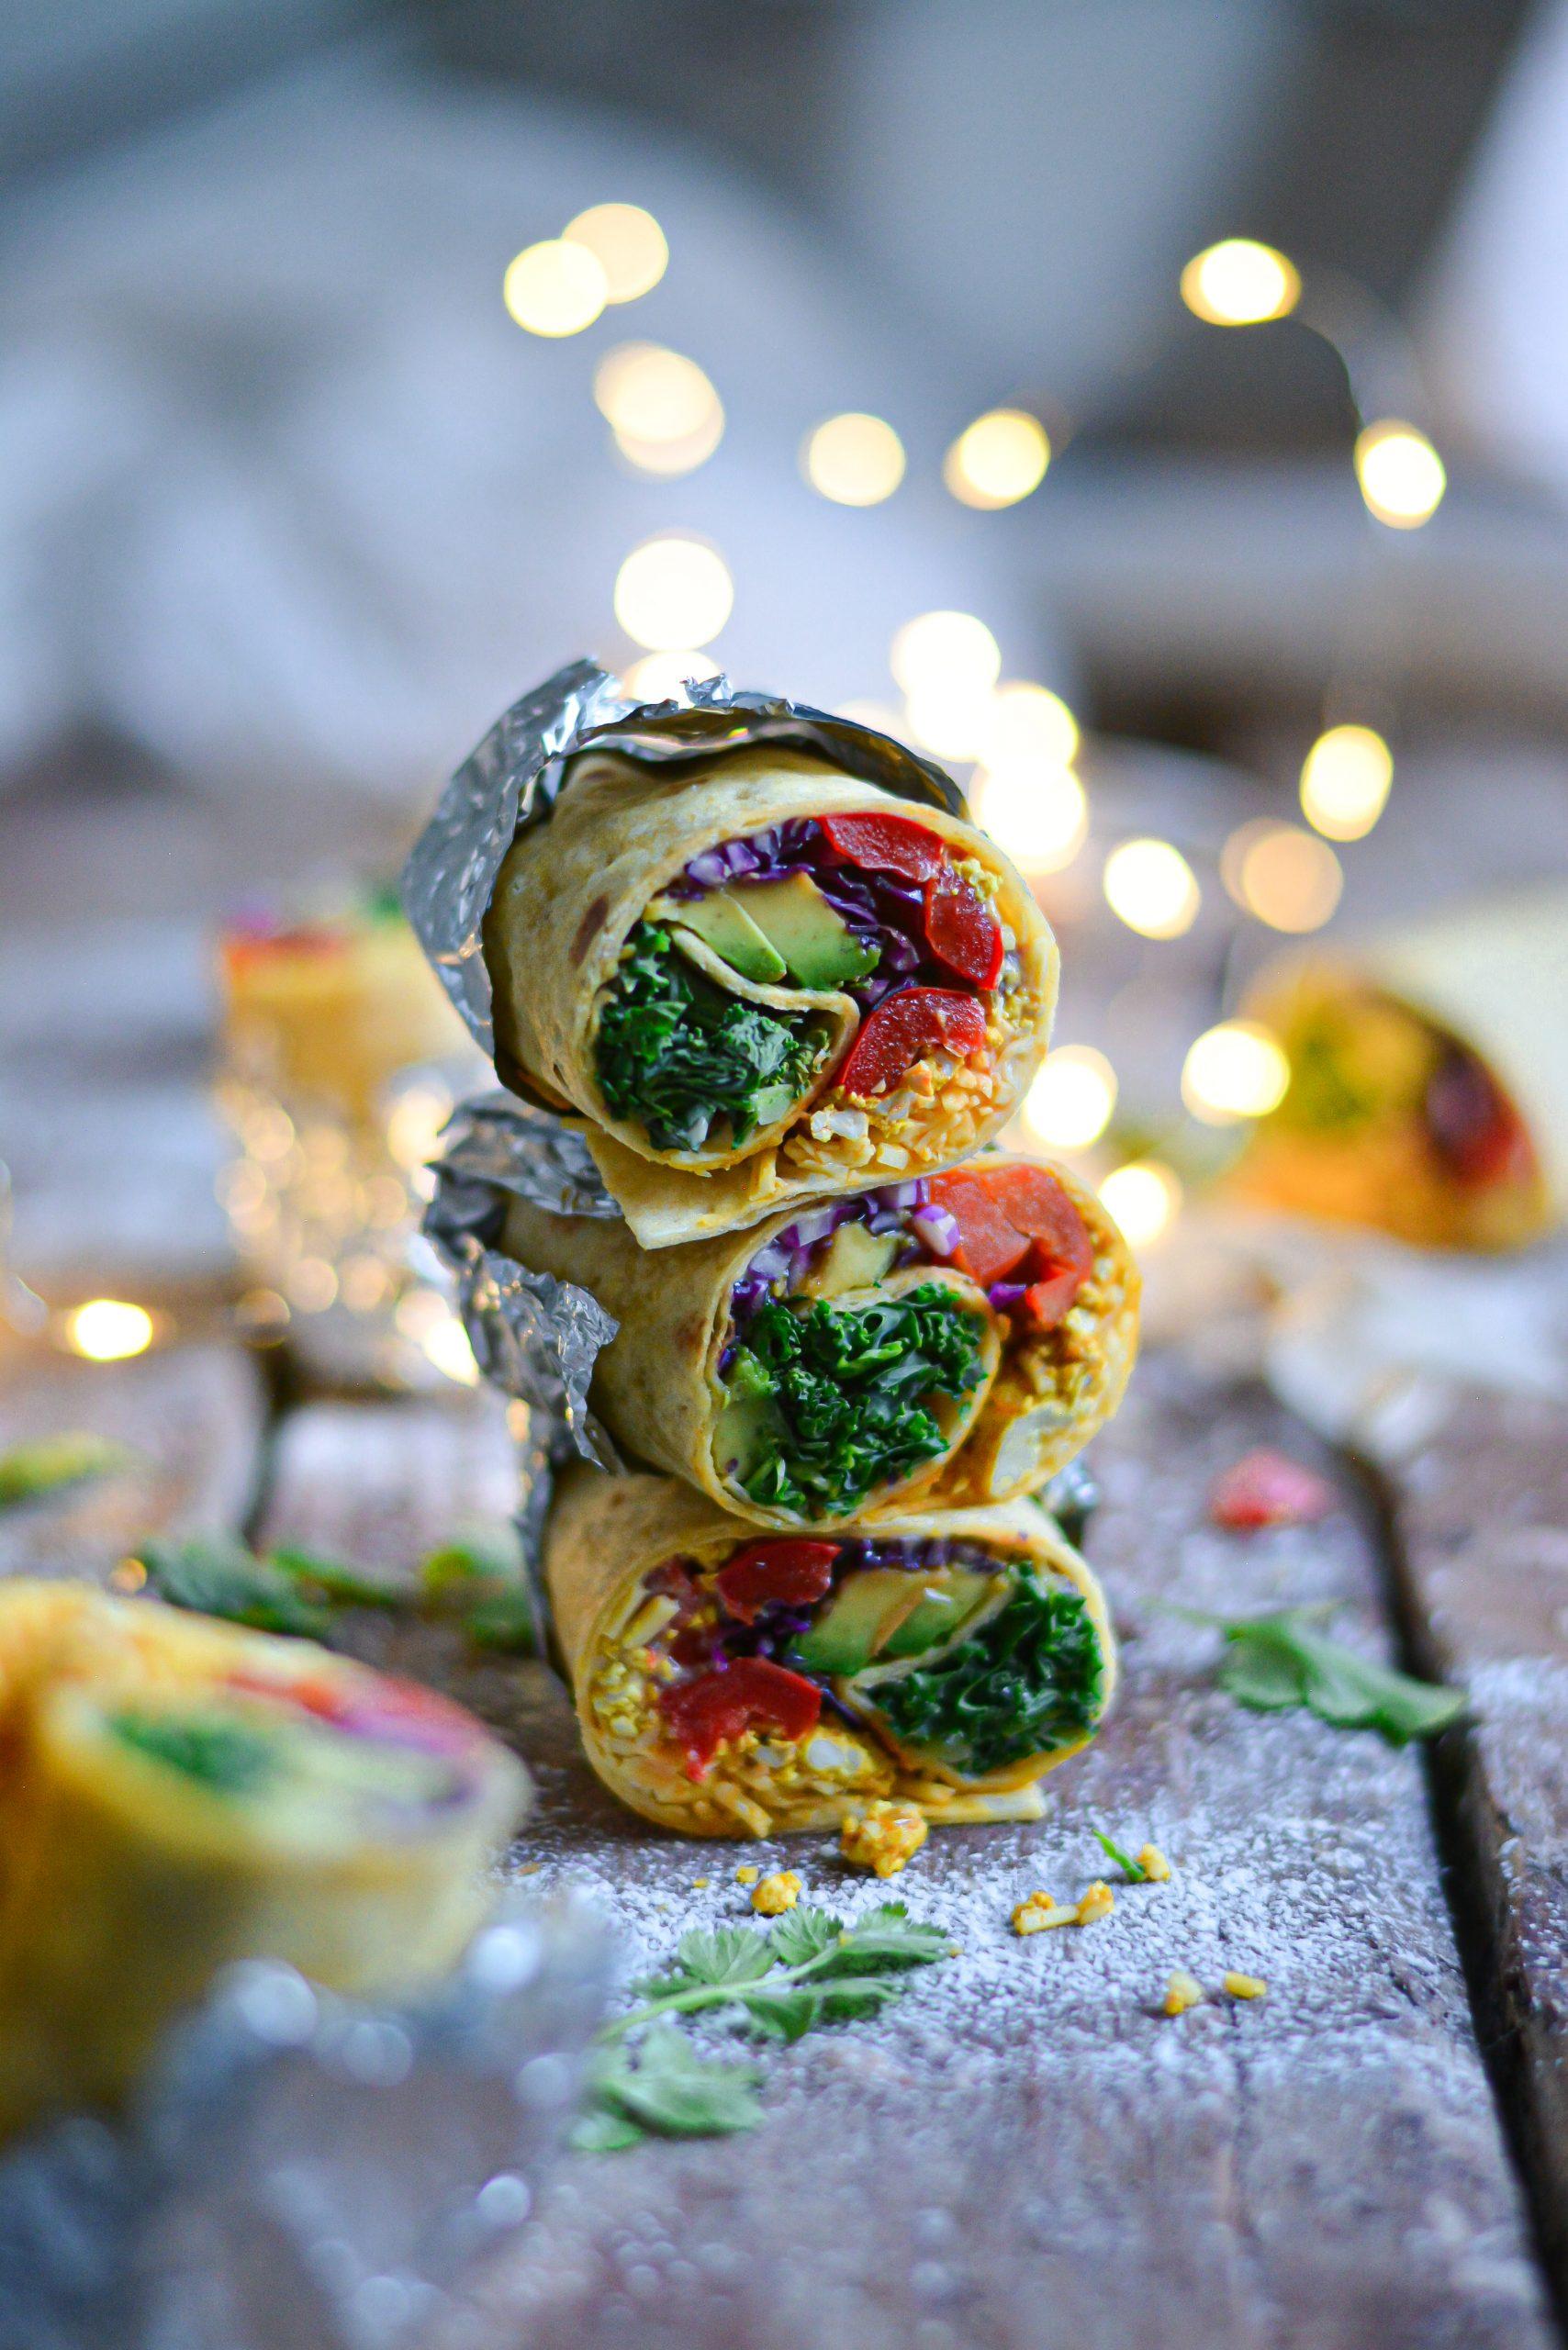 Burrito Vegan Faciles Sans Gluten au Petit Déjeuner / Easy Gluten Free Vegan Breakfast Burrito